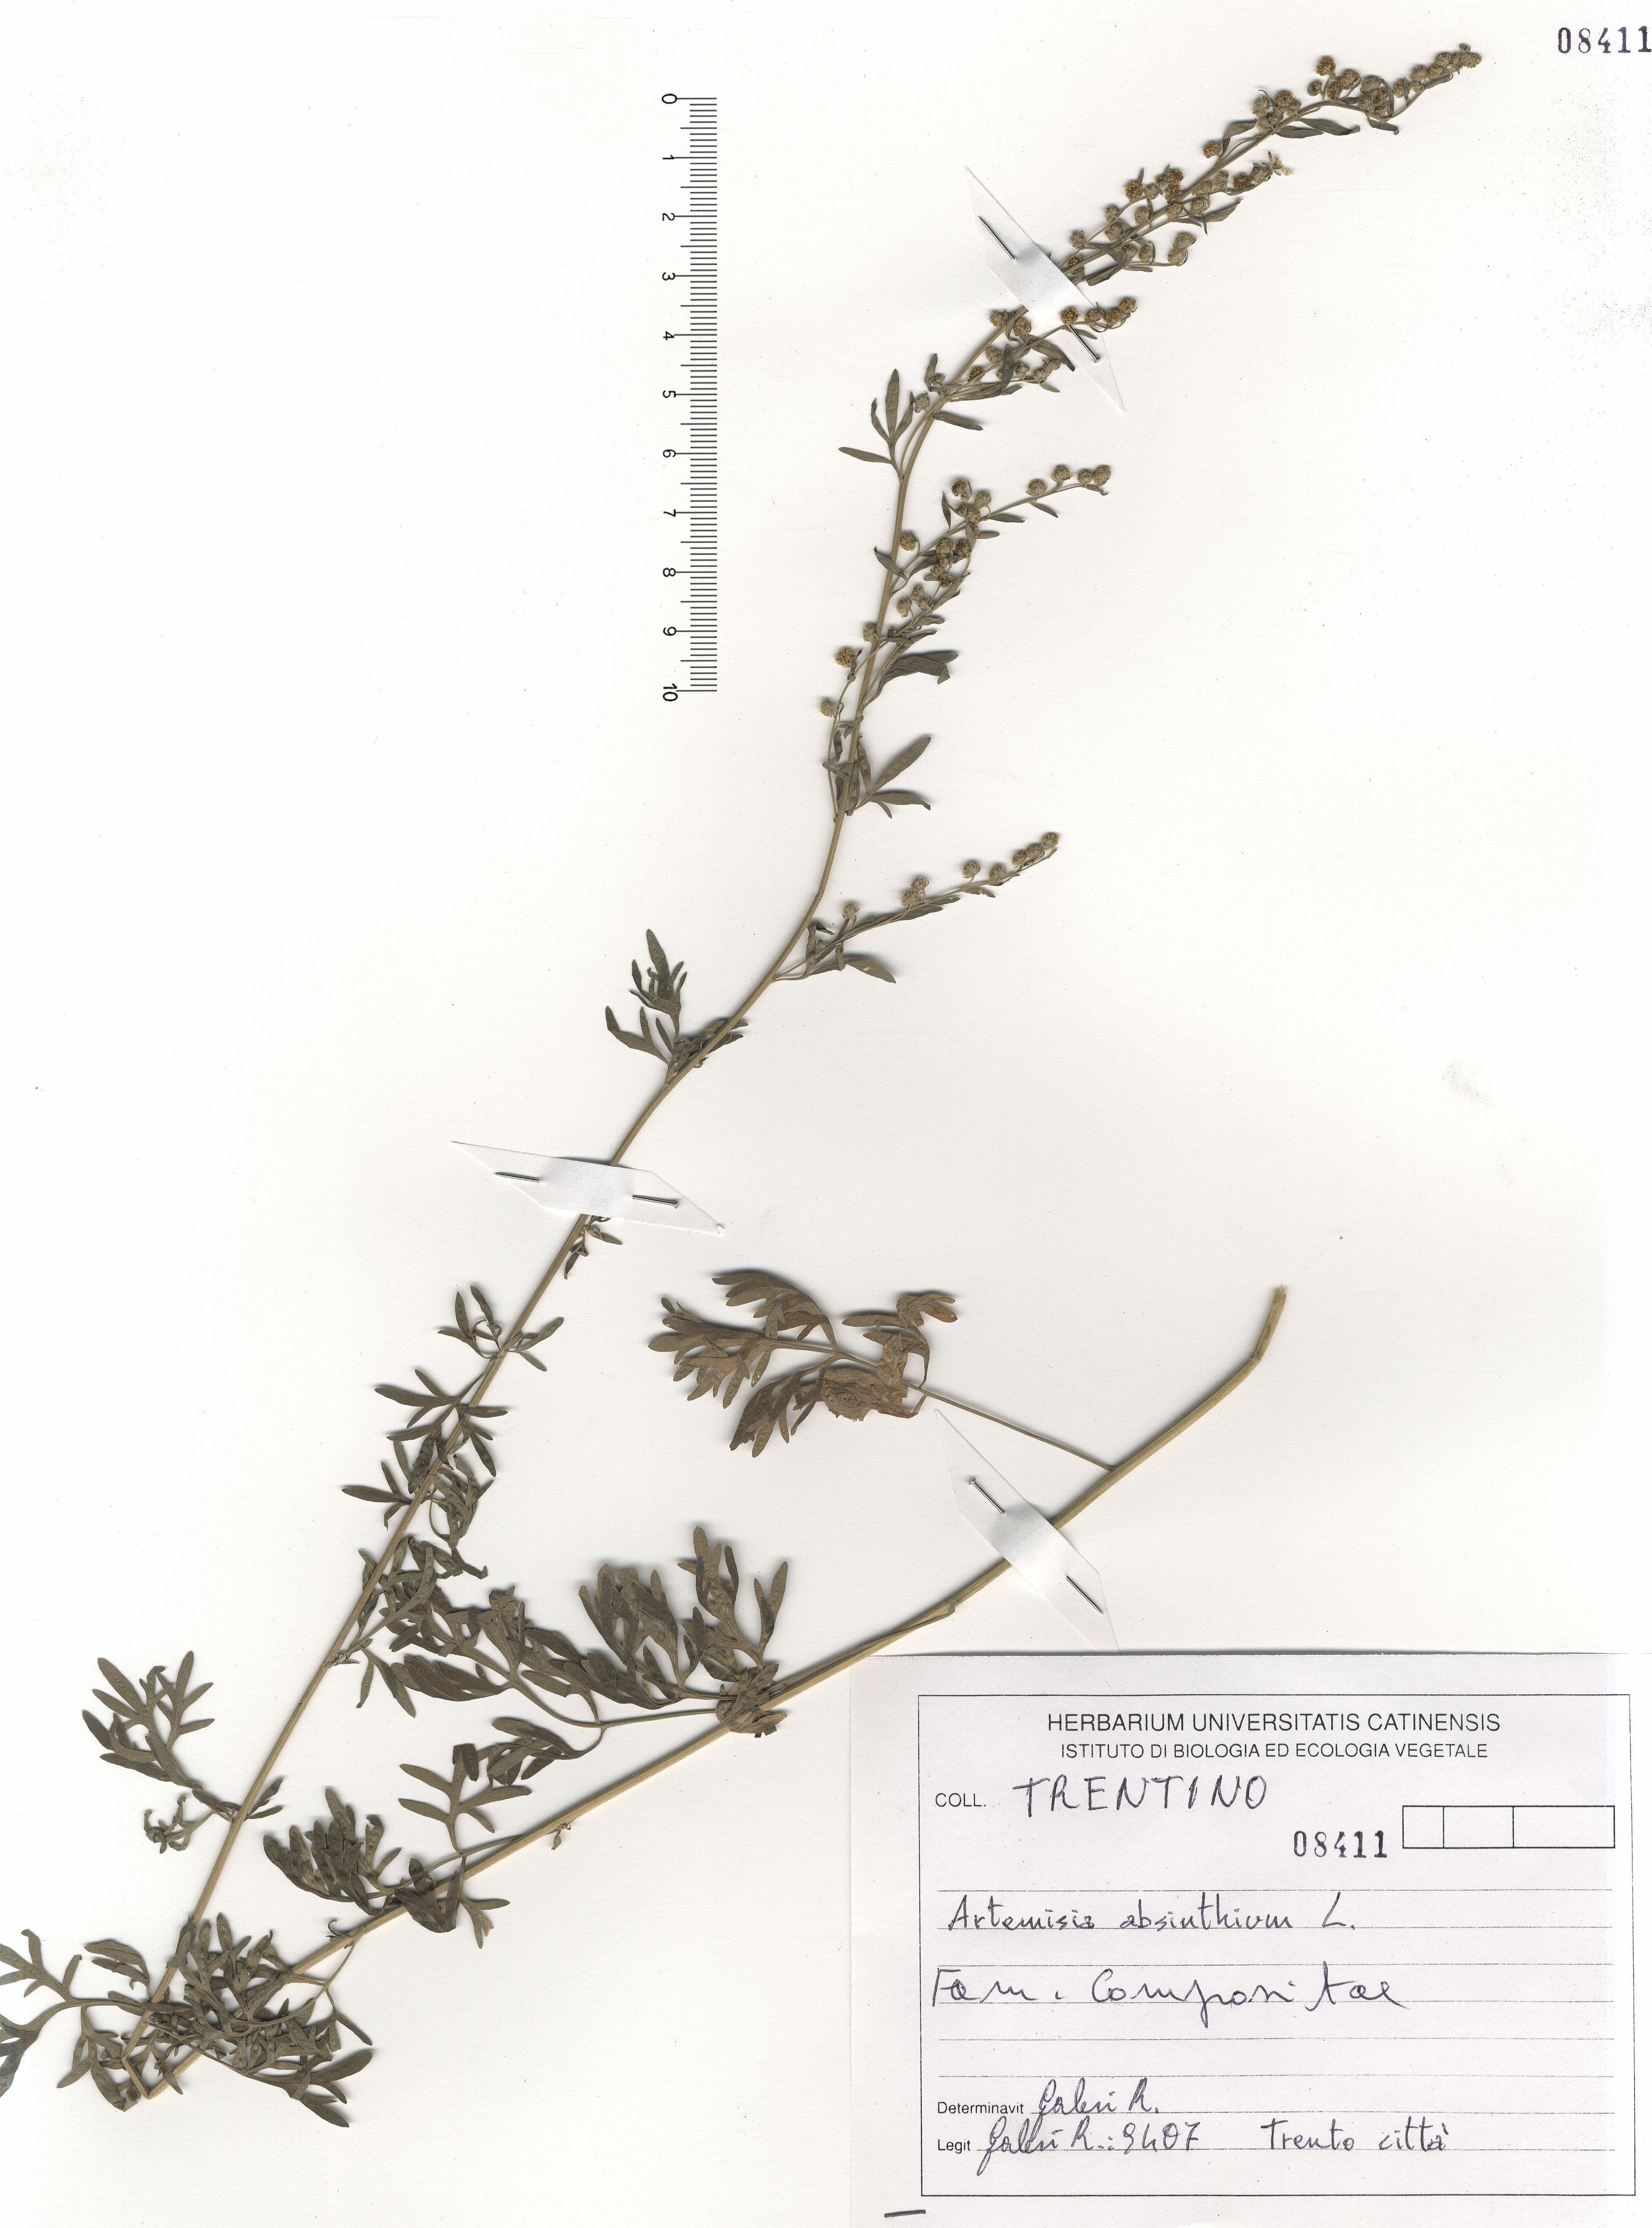 © Hortus Botanicus Catinensis - Herb. sheet 108411<br>